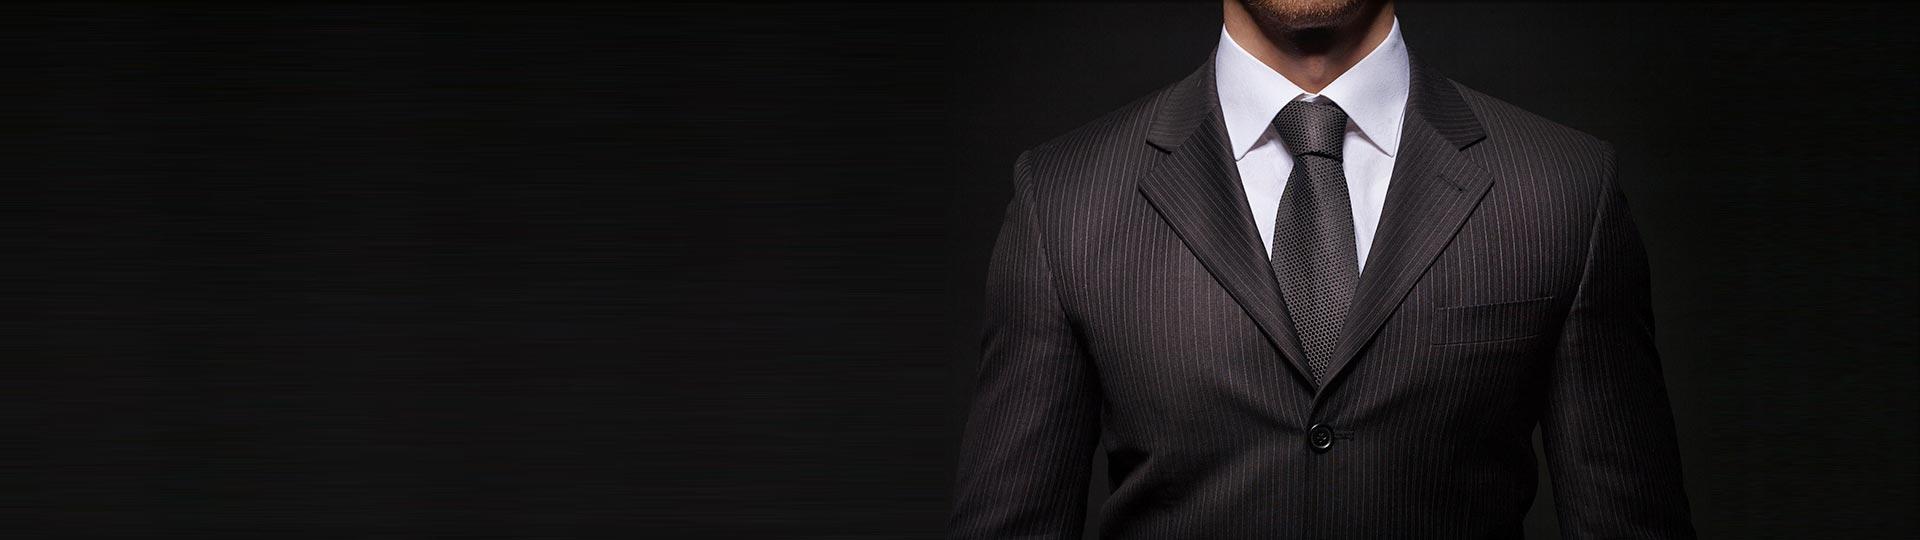 семейная юридическая консультация, юридическая консультация по жилищным вопросам, юридическая консультация юриста, юридическая консультация отзывы